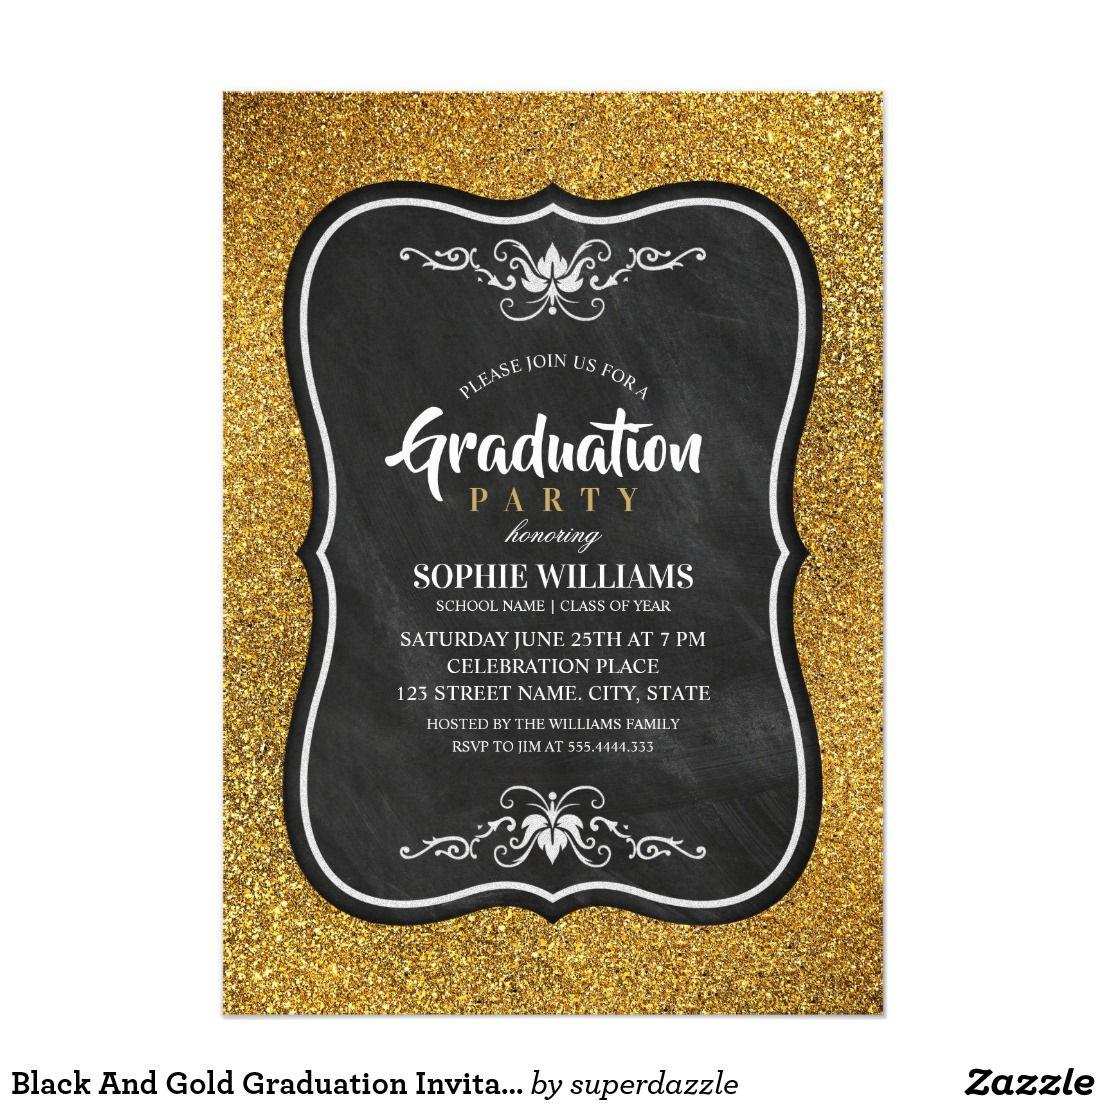 Black And Gold Graduation Invitations Glitter   Zazzle.com   Birthday party  invitation templates, 21st birthday invitations, 30th birthday party  invitations